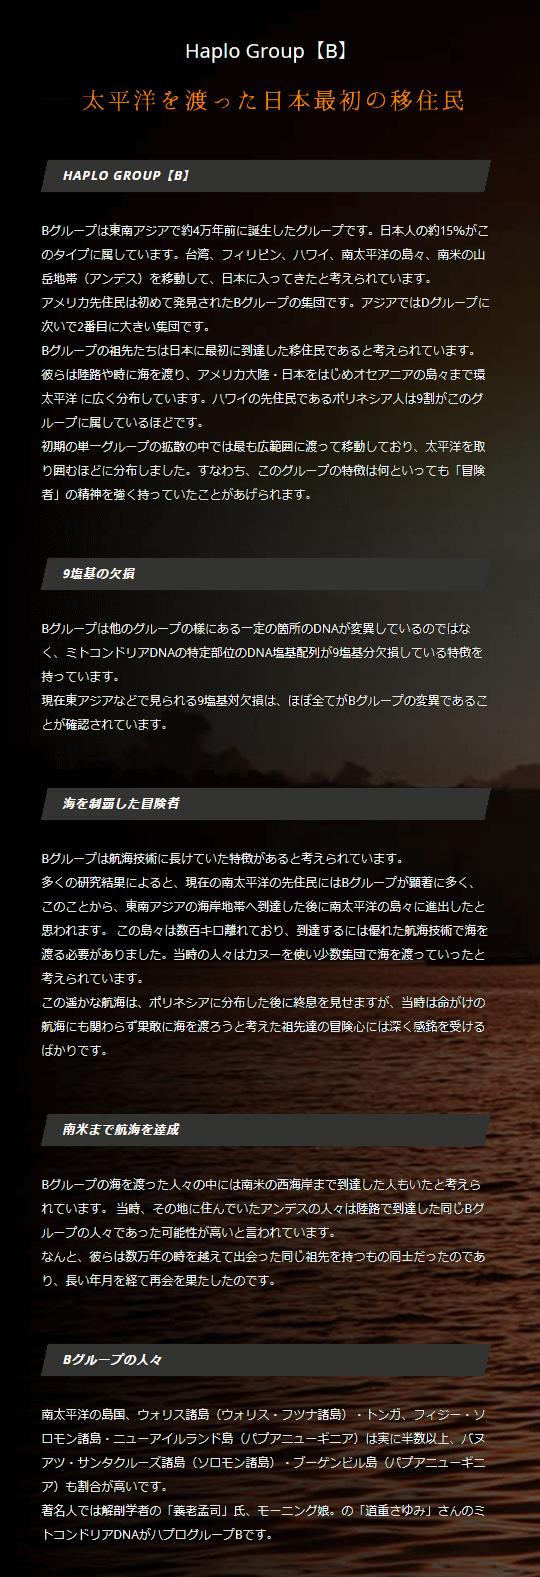 ハプログループBの詳細情報